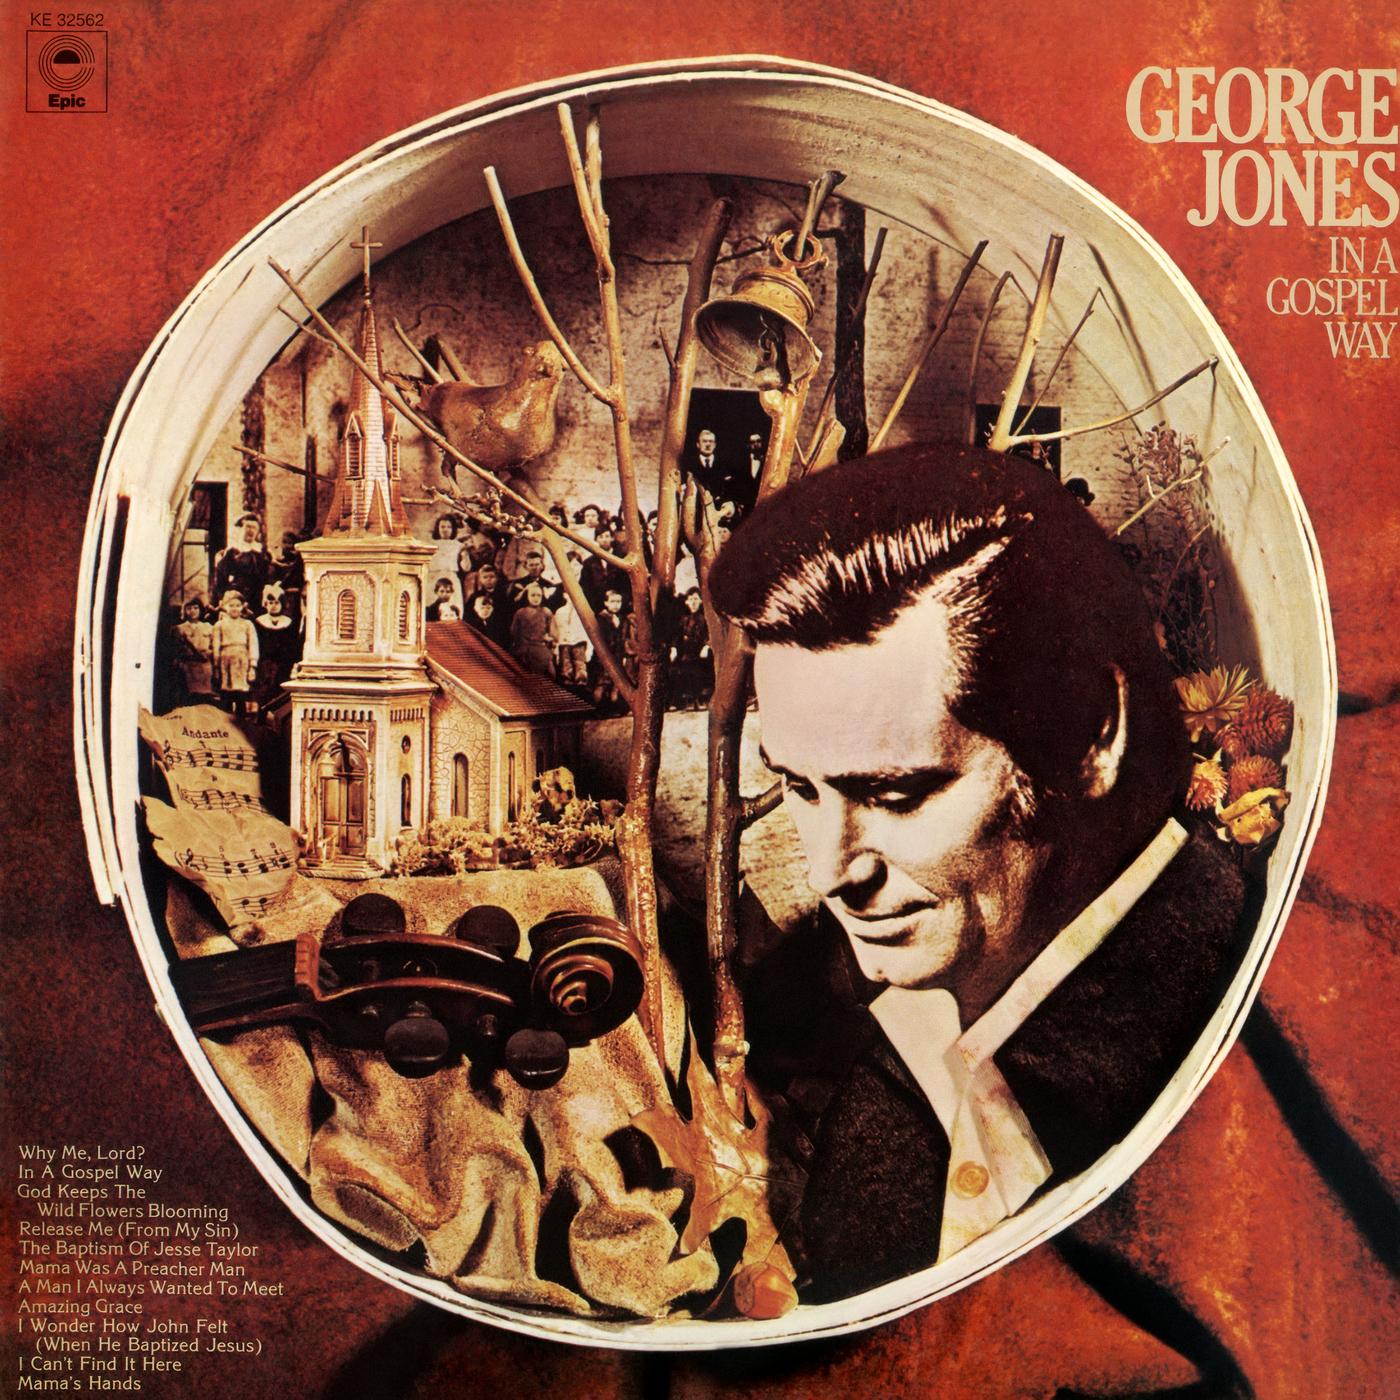 In a Gospel Way - George Jones